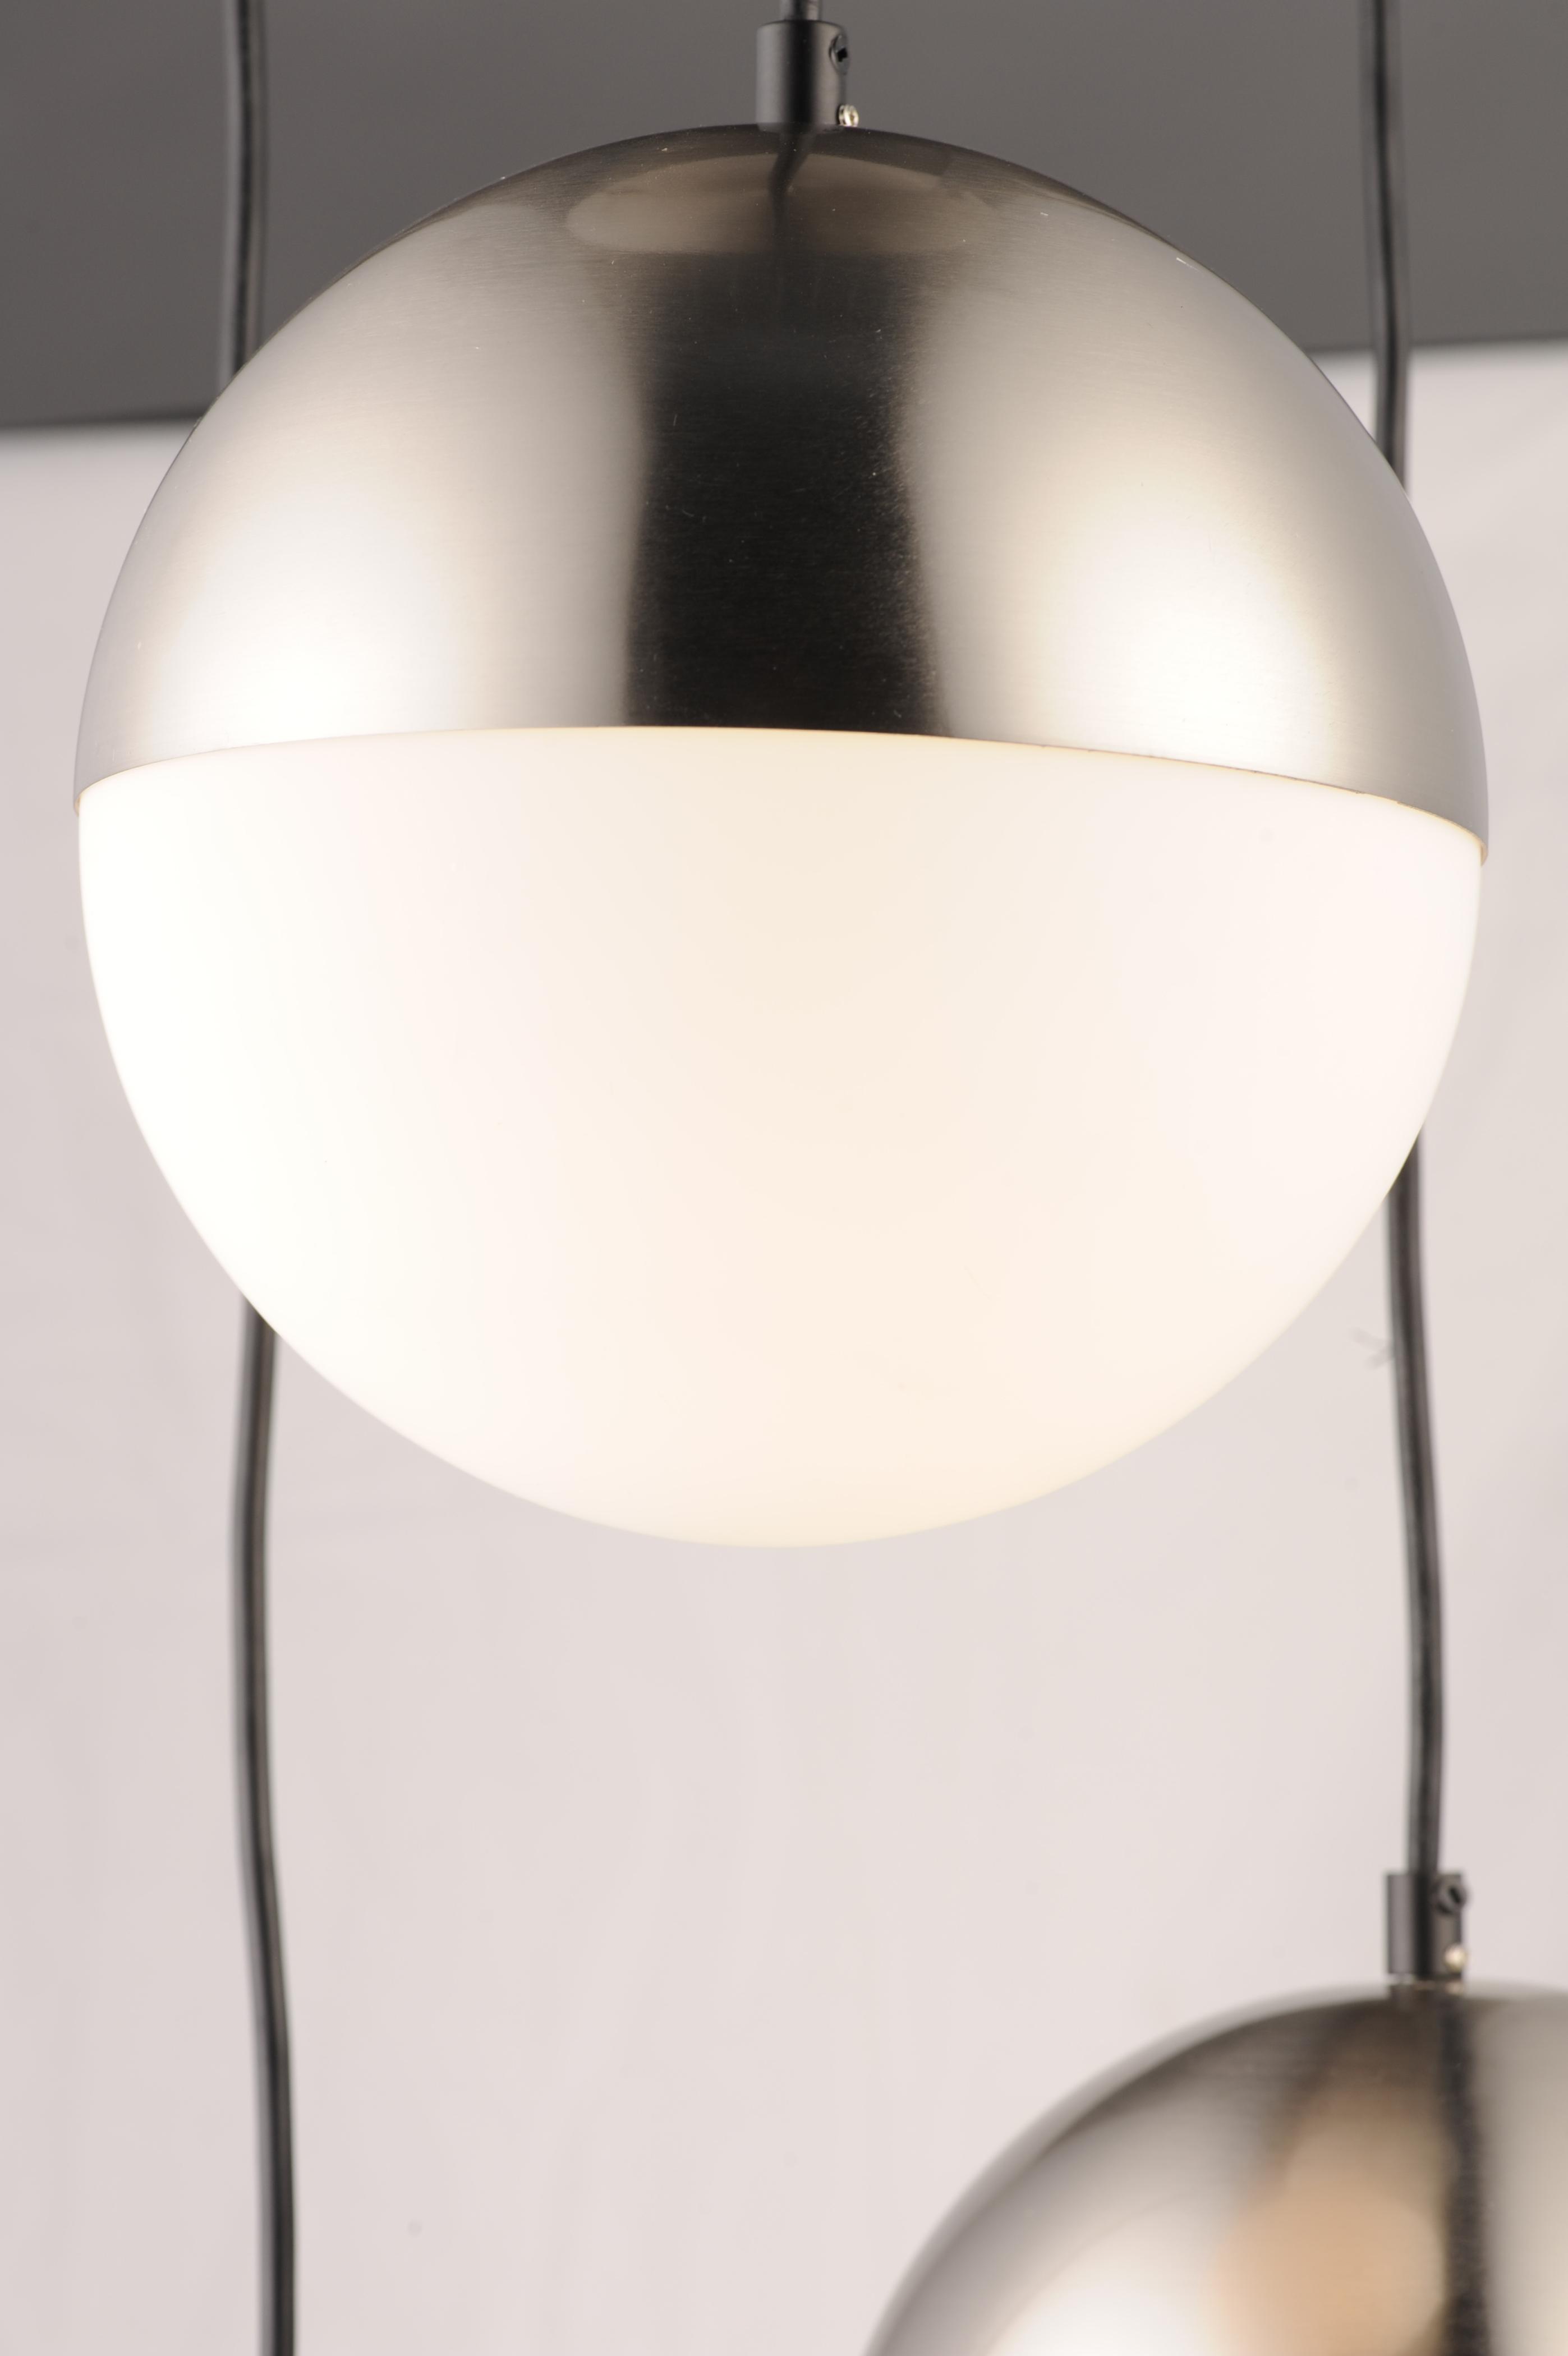 Metallic Gold ET2 Lighting 20364 E26 Medium LED